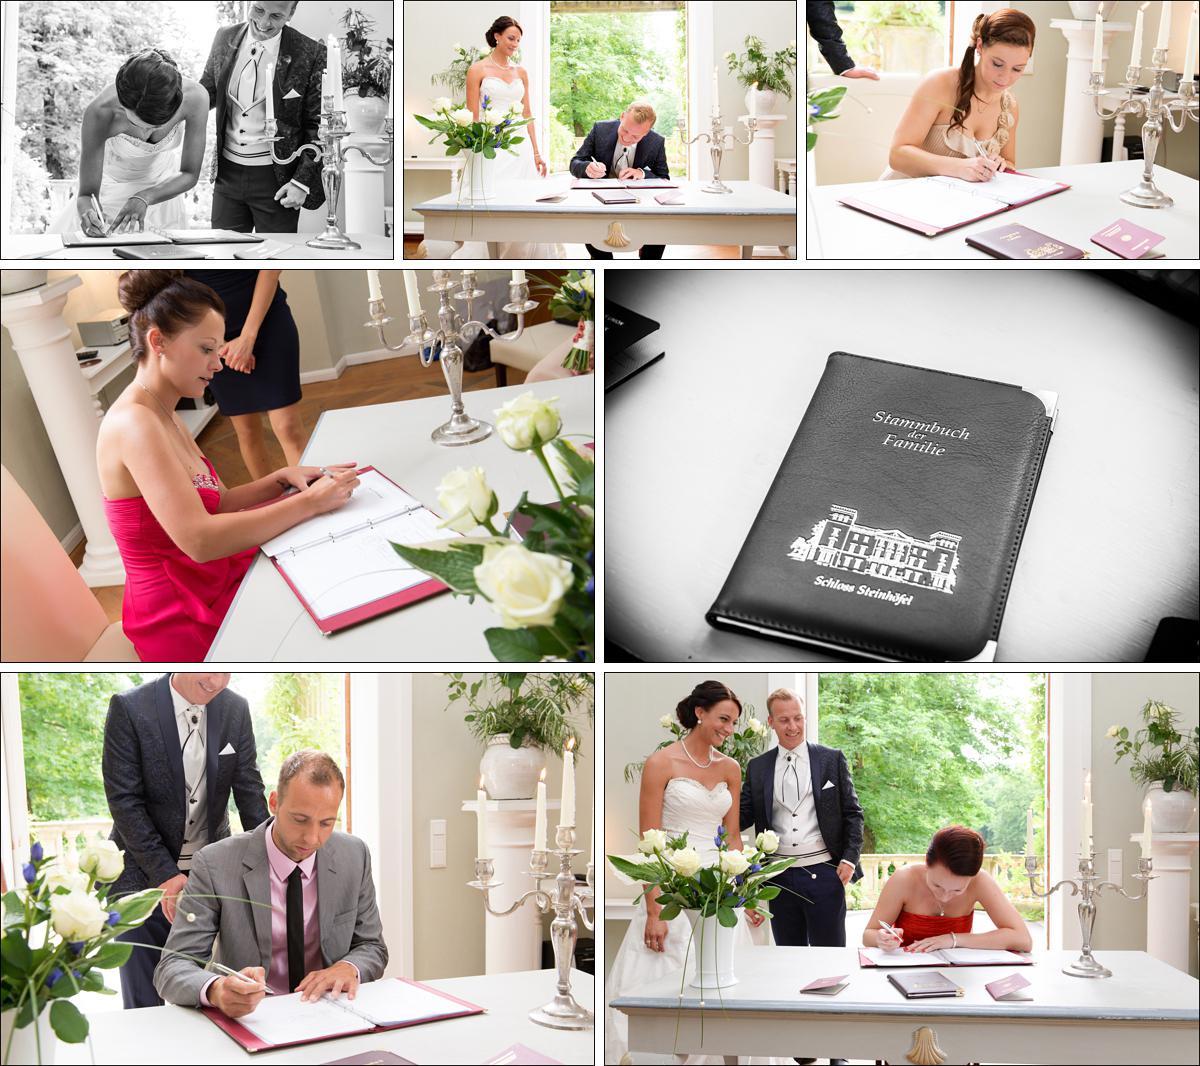 Hochzeitsfotograf Berlin Trauung Hochzeitsreportage auf Schloss Steinhoefel